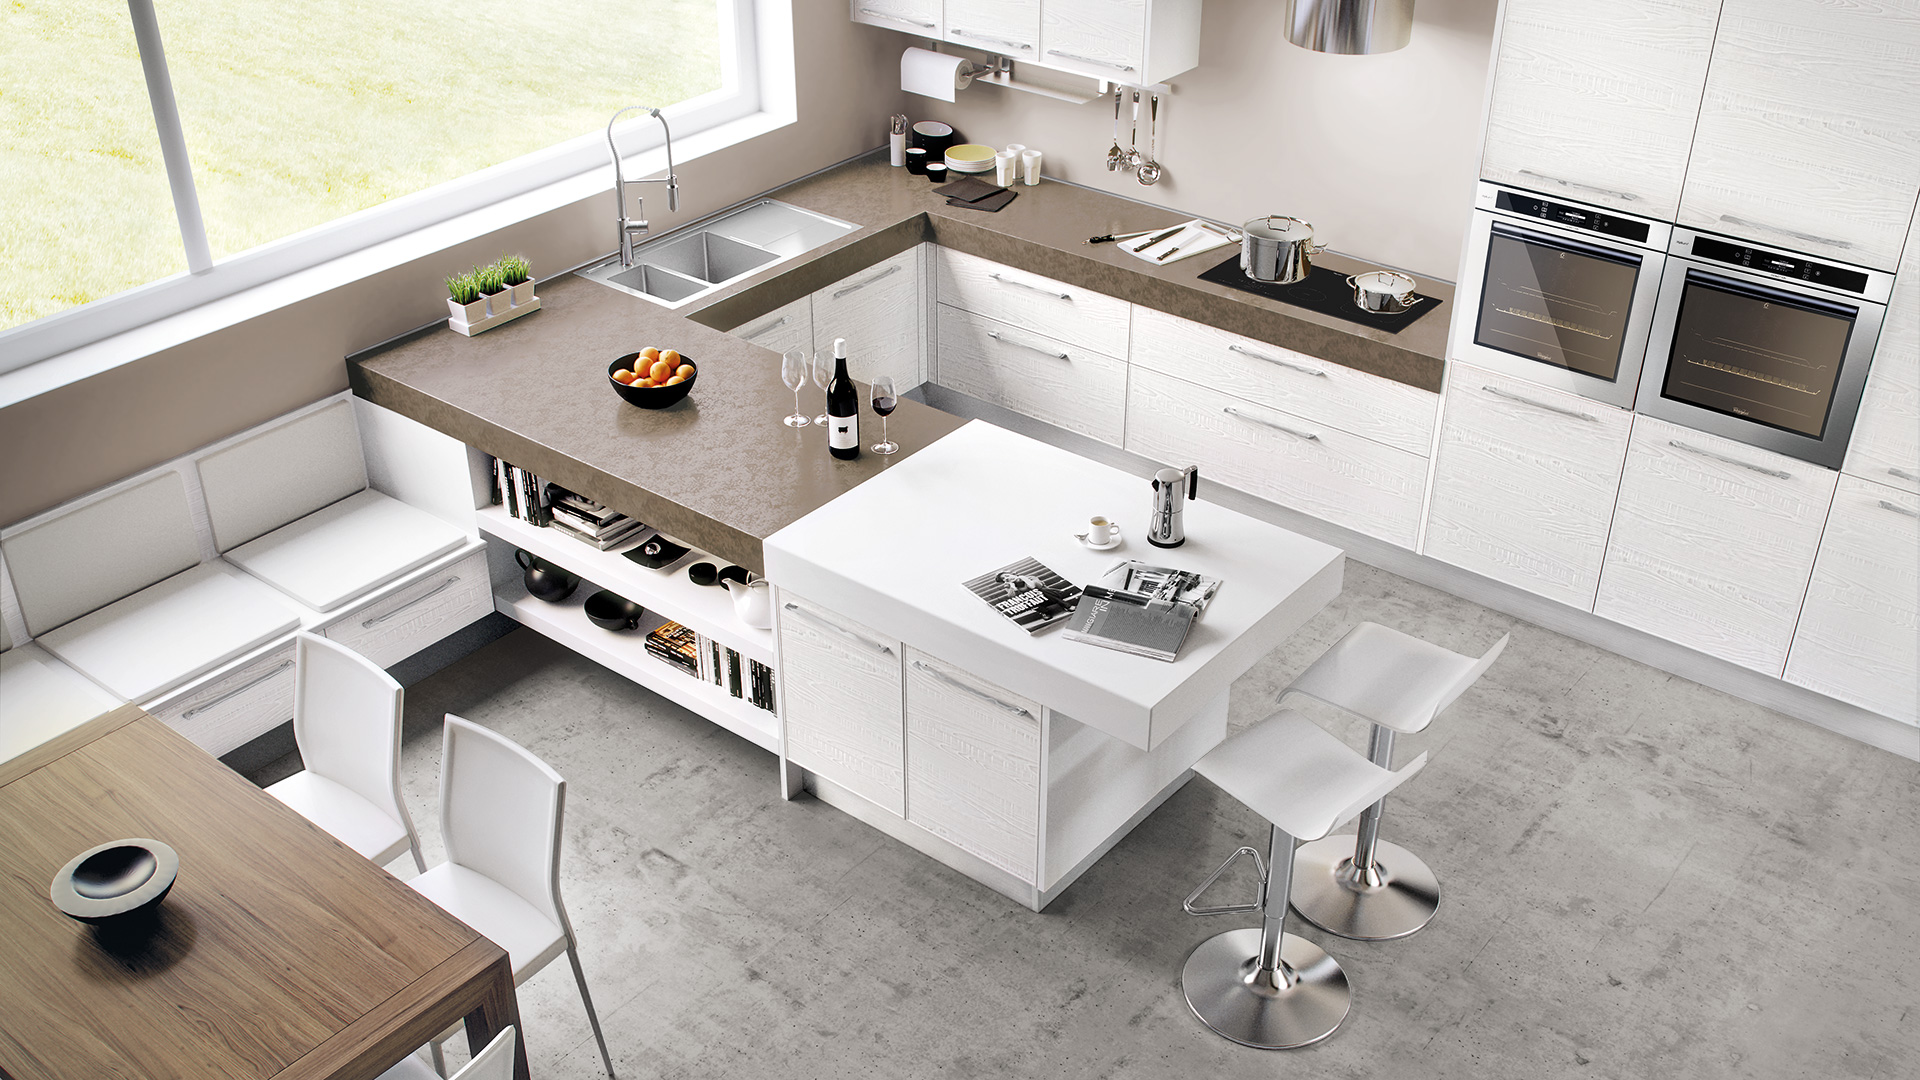 Cucine Moderne - TuttoLegno Arredamenti